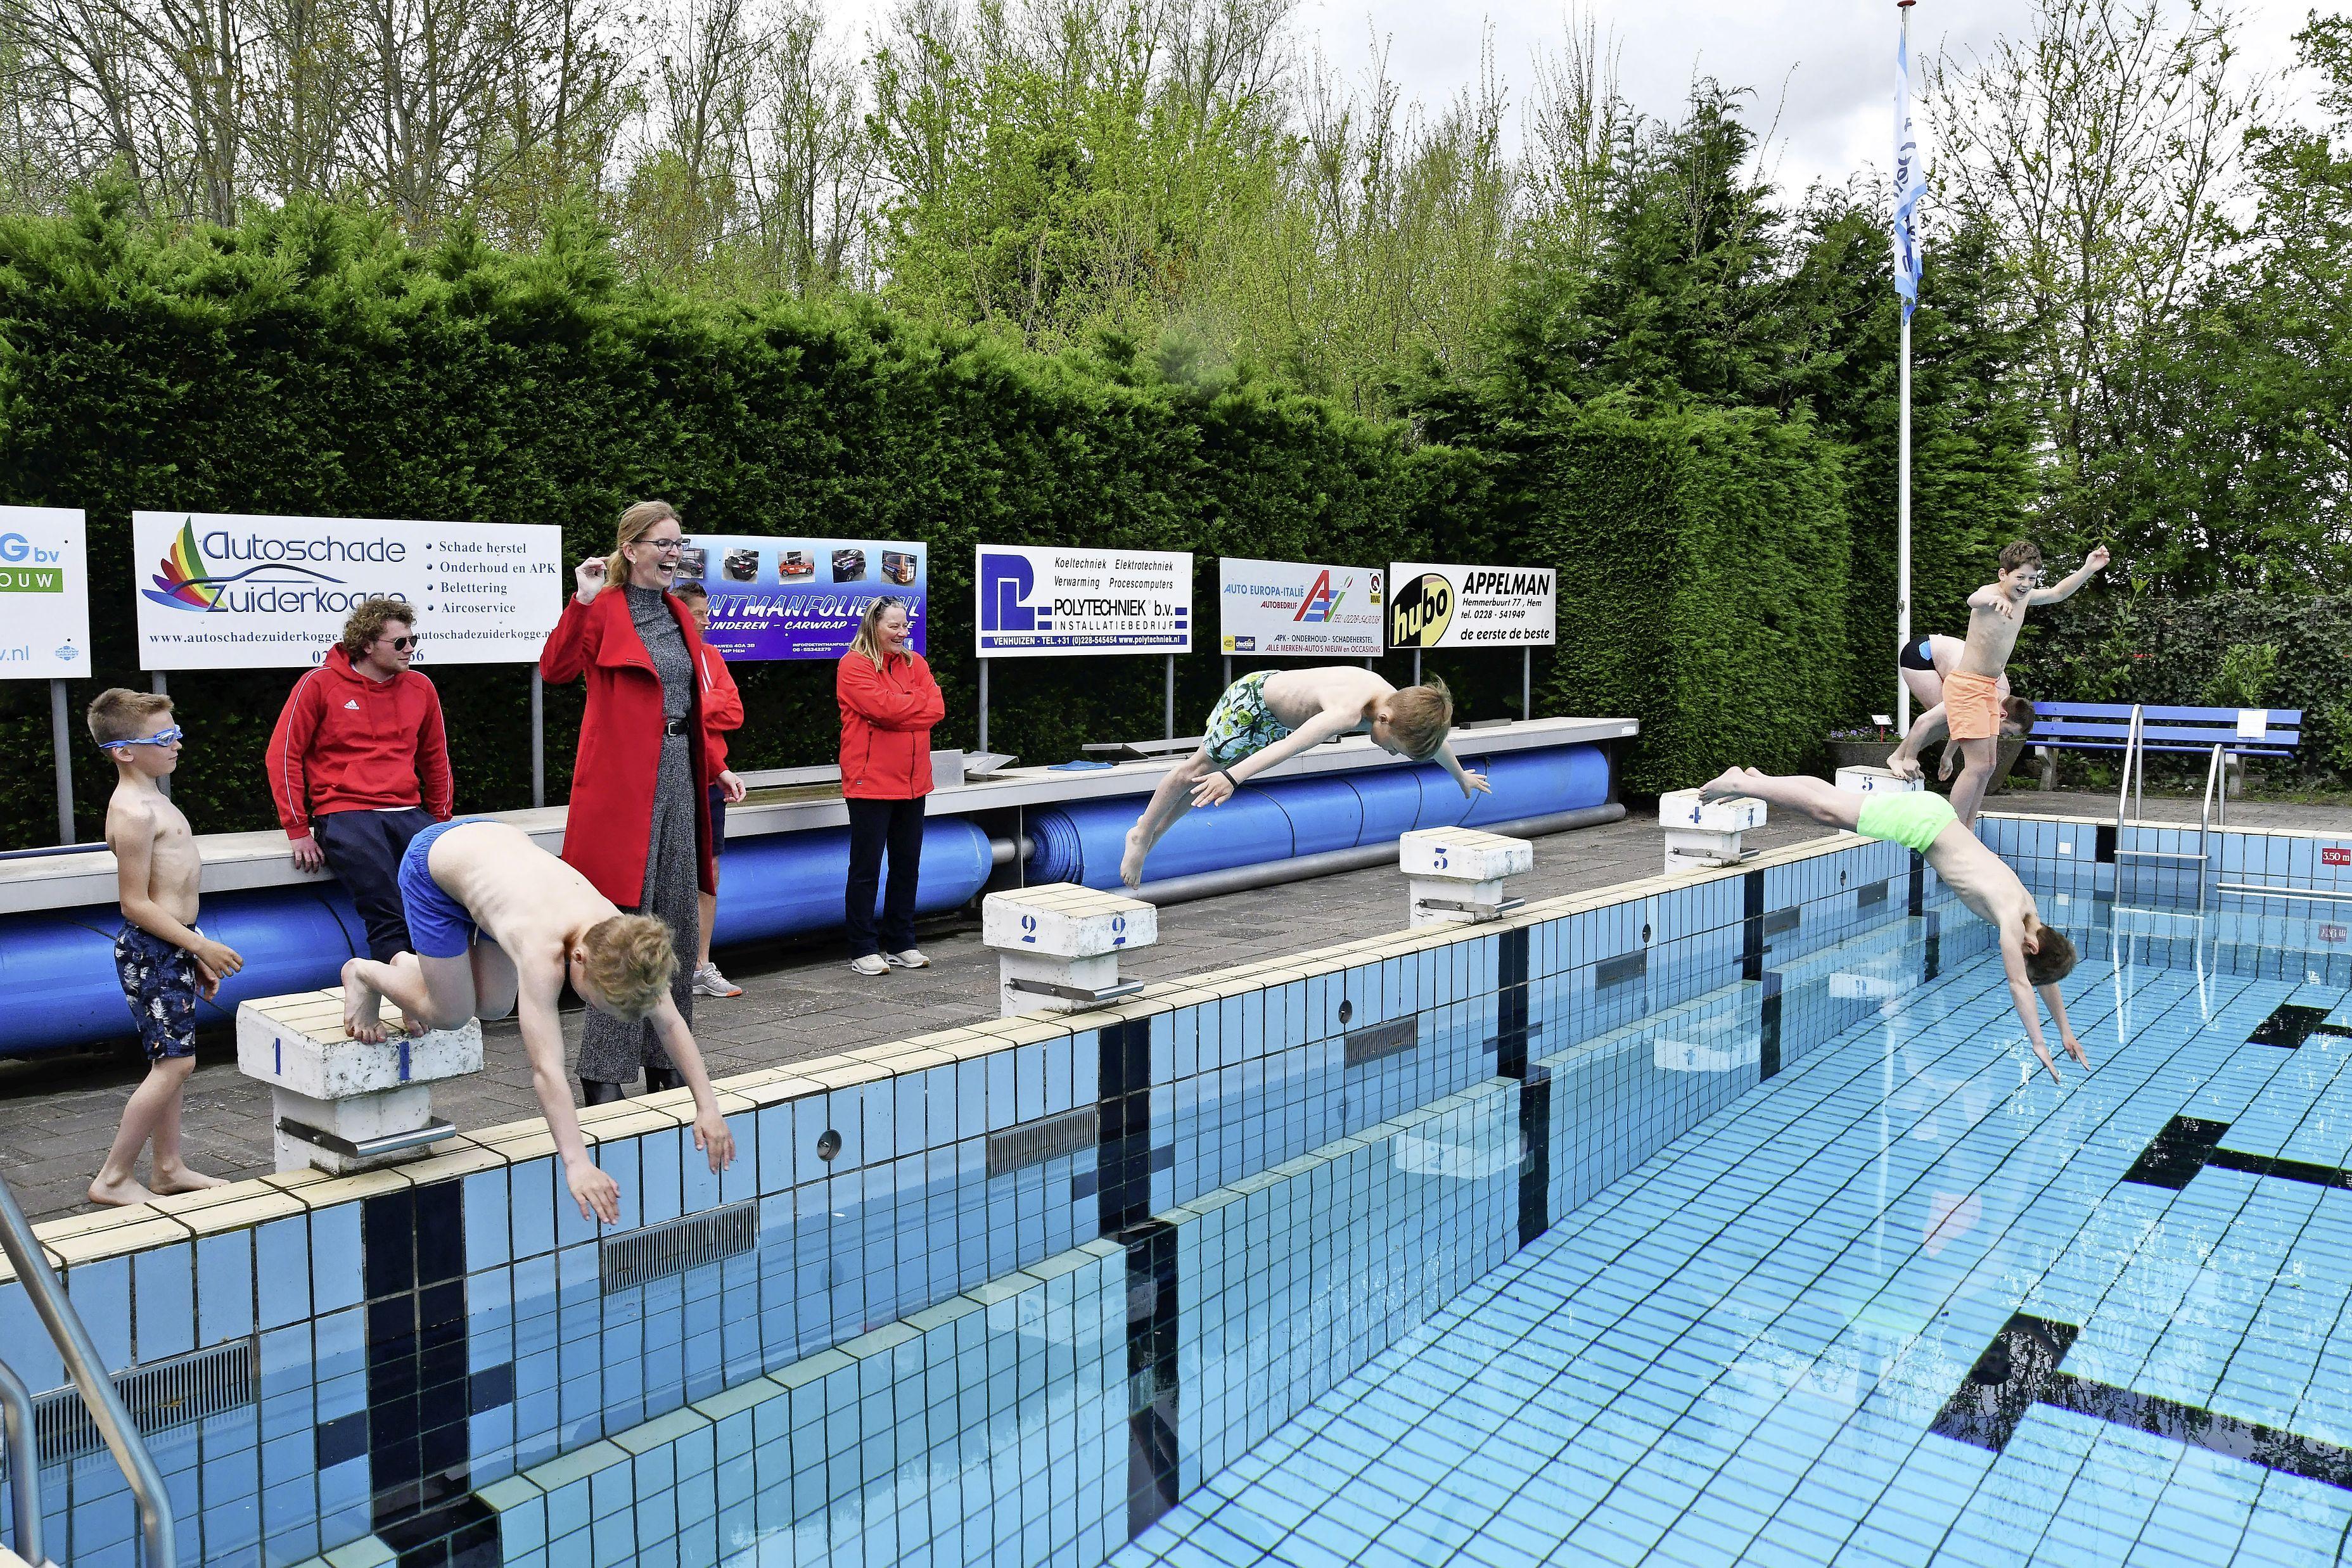 Buitenzwembaden in Drechterland zijn weer open